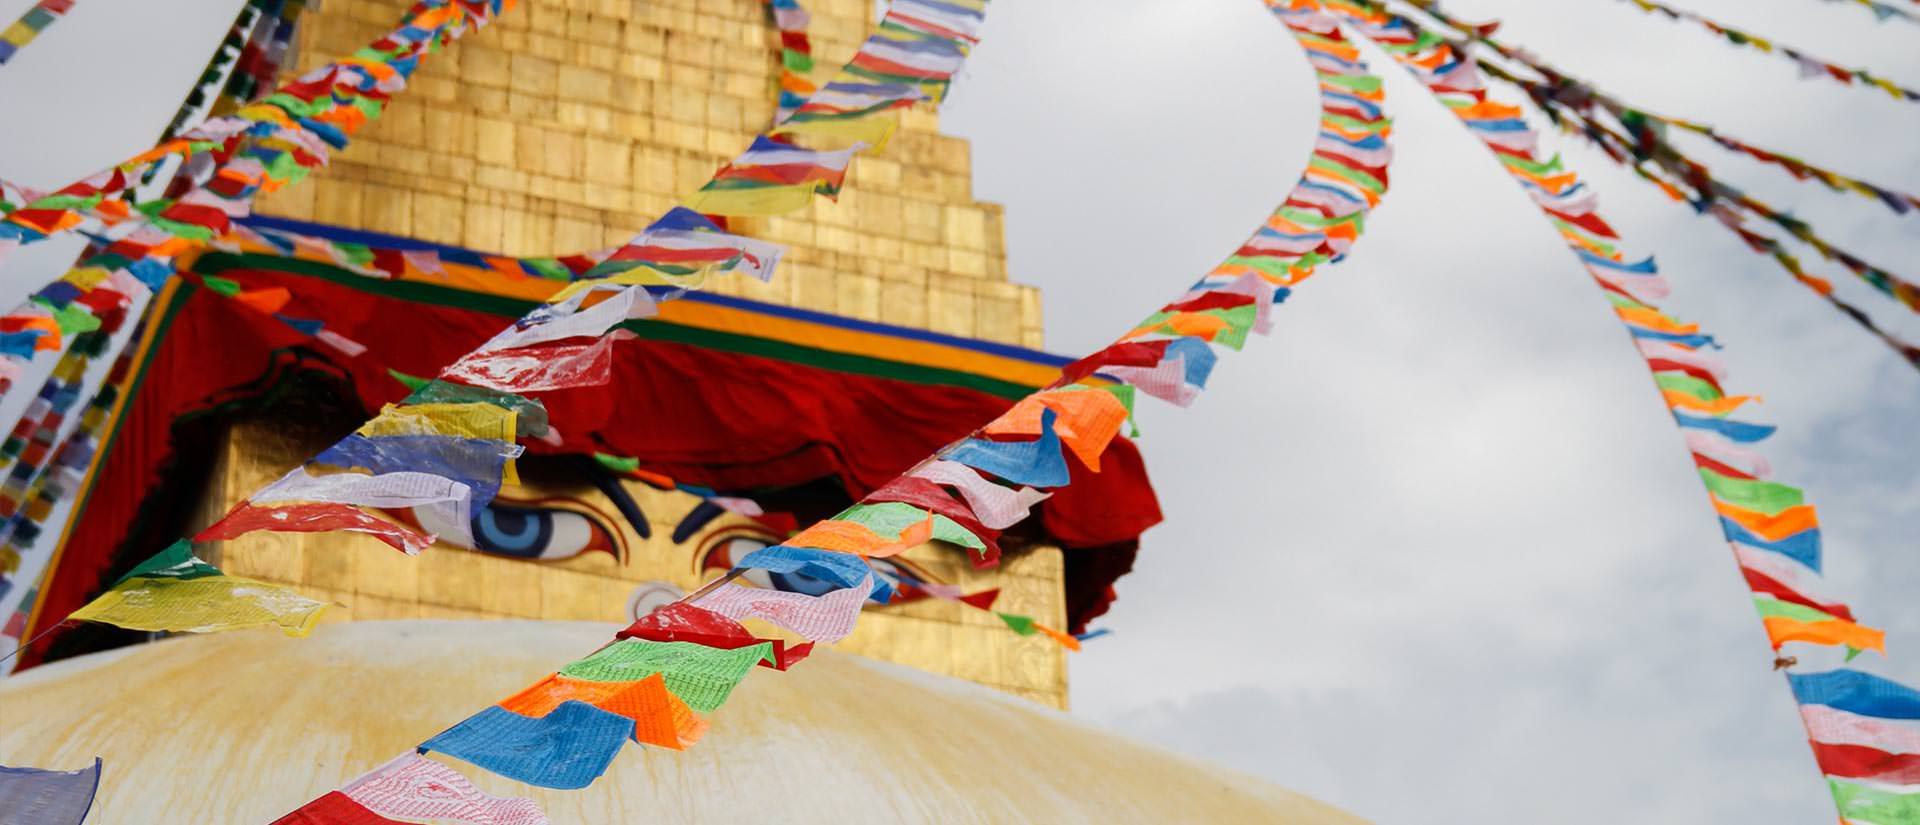 טיול לנפאל - 18 ימים - טרק לממלכת מוסטאנג הלא נודעת